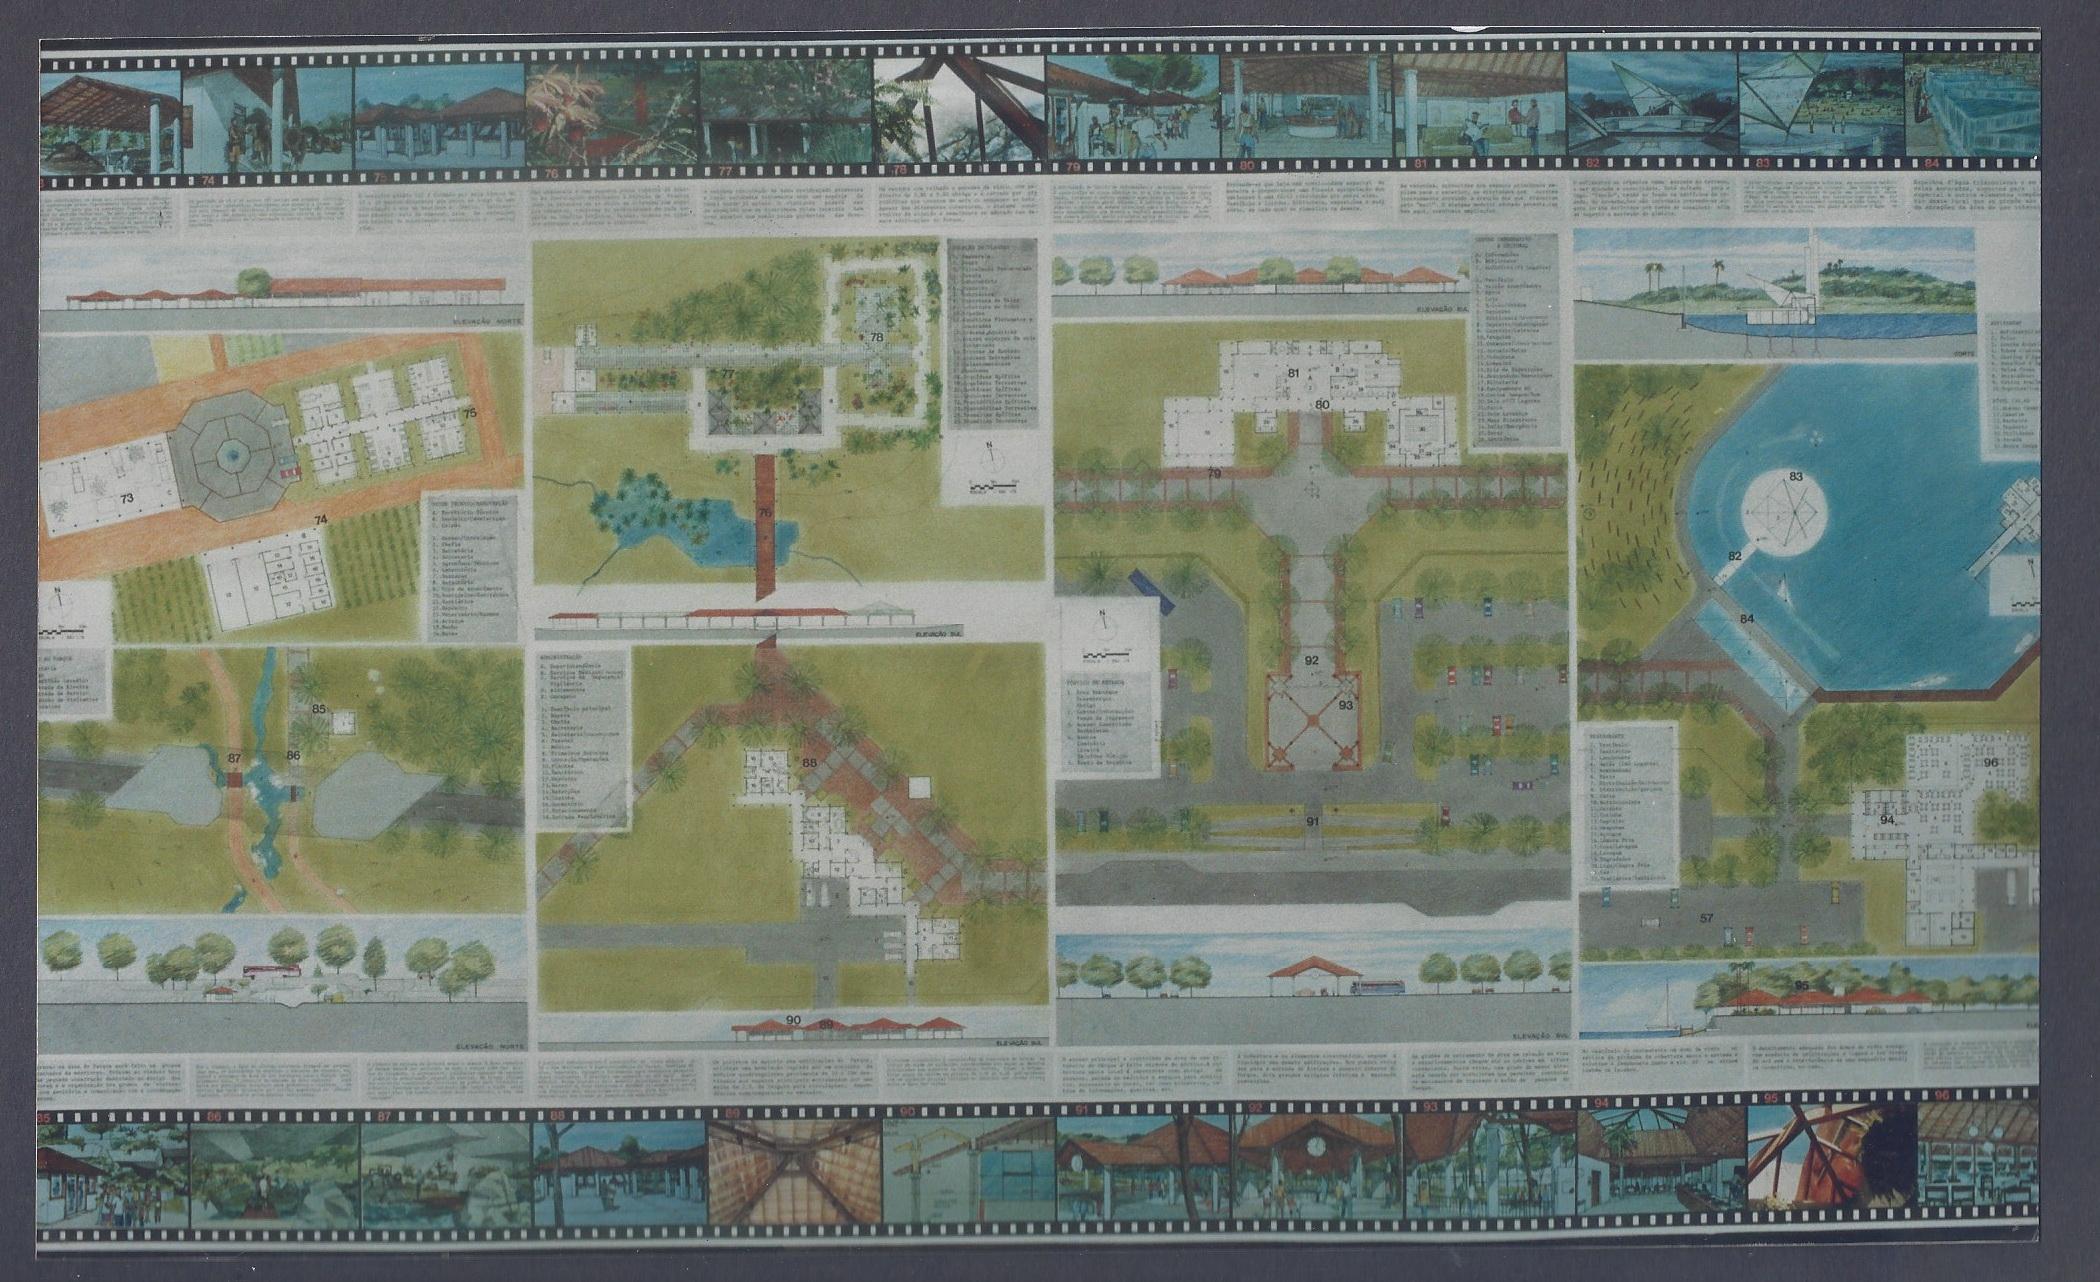 projeto-para-o-parque-ecologico-de-guarapiranga-detalhamento-das-edificacoes